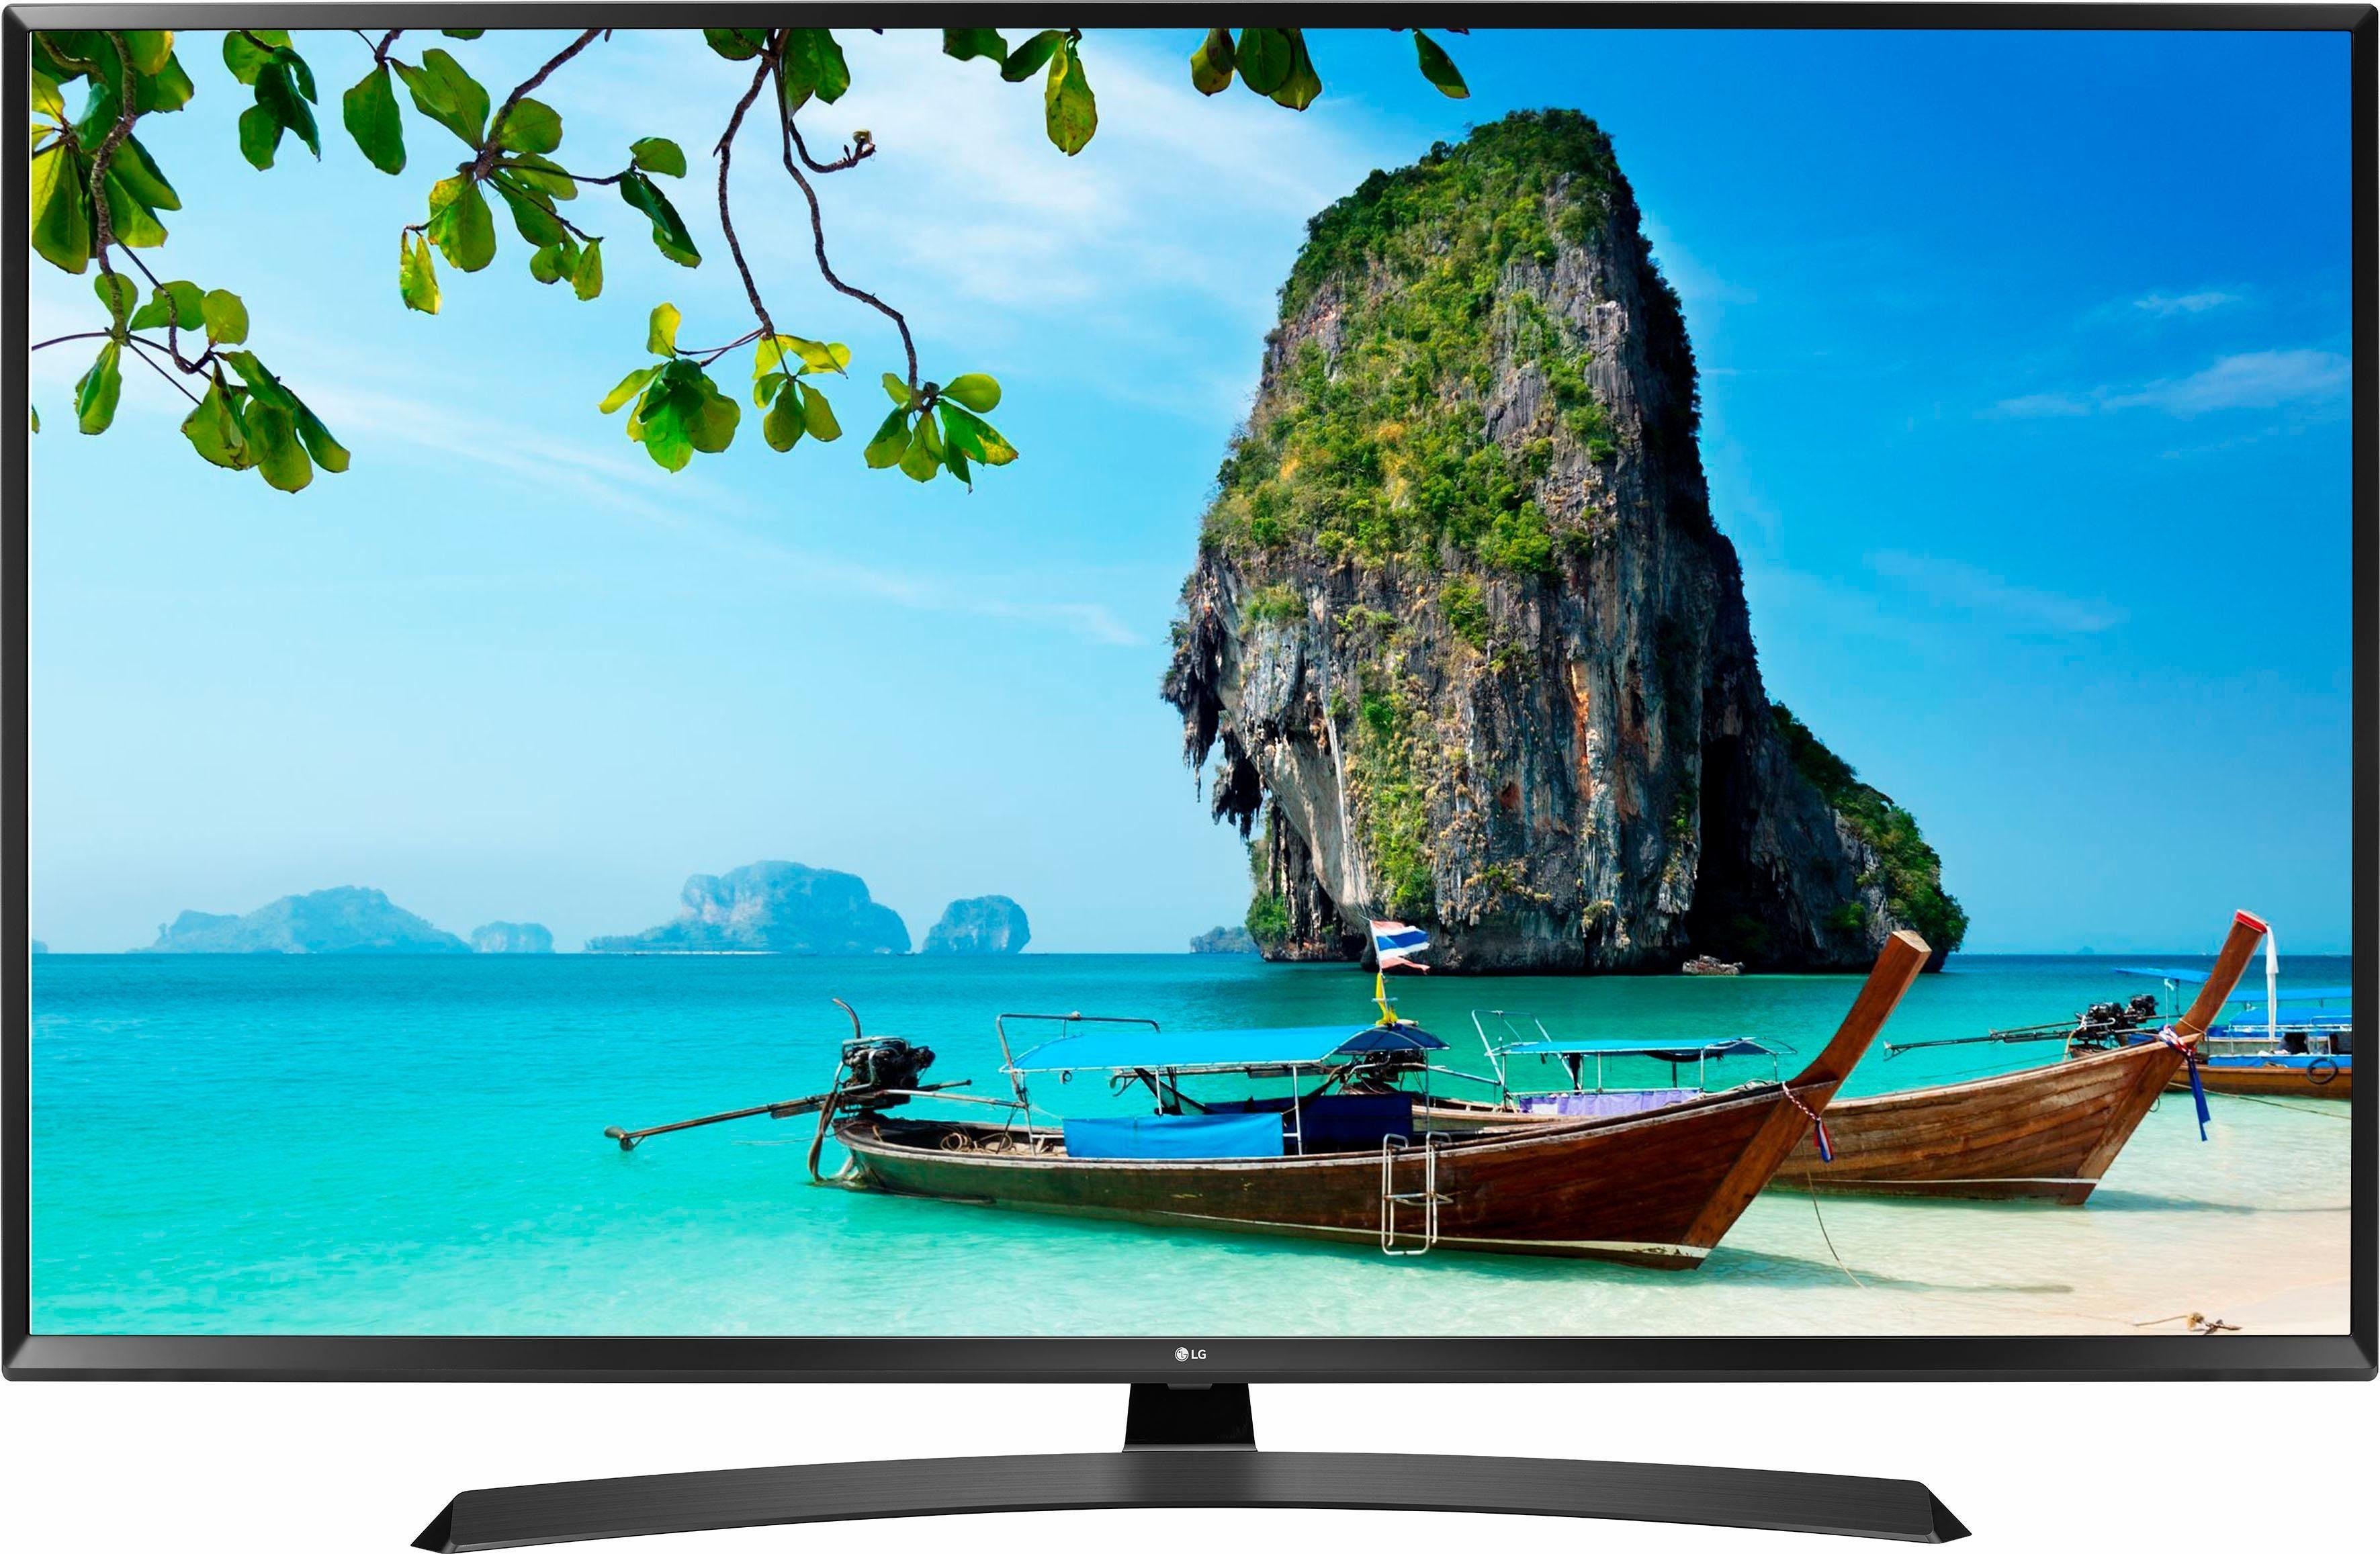 LG 55UJ635V LED-Fernseher (55 Zoll, 4K Ultra HD, Smart-TV, 36 Monate Garantie)